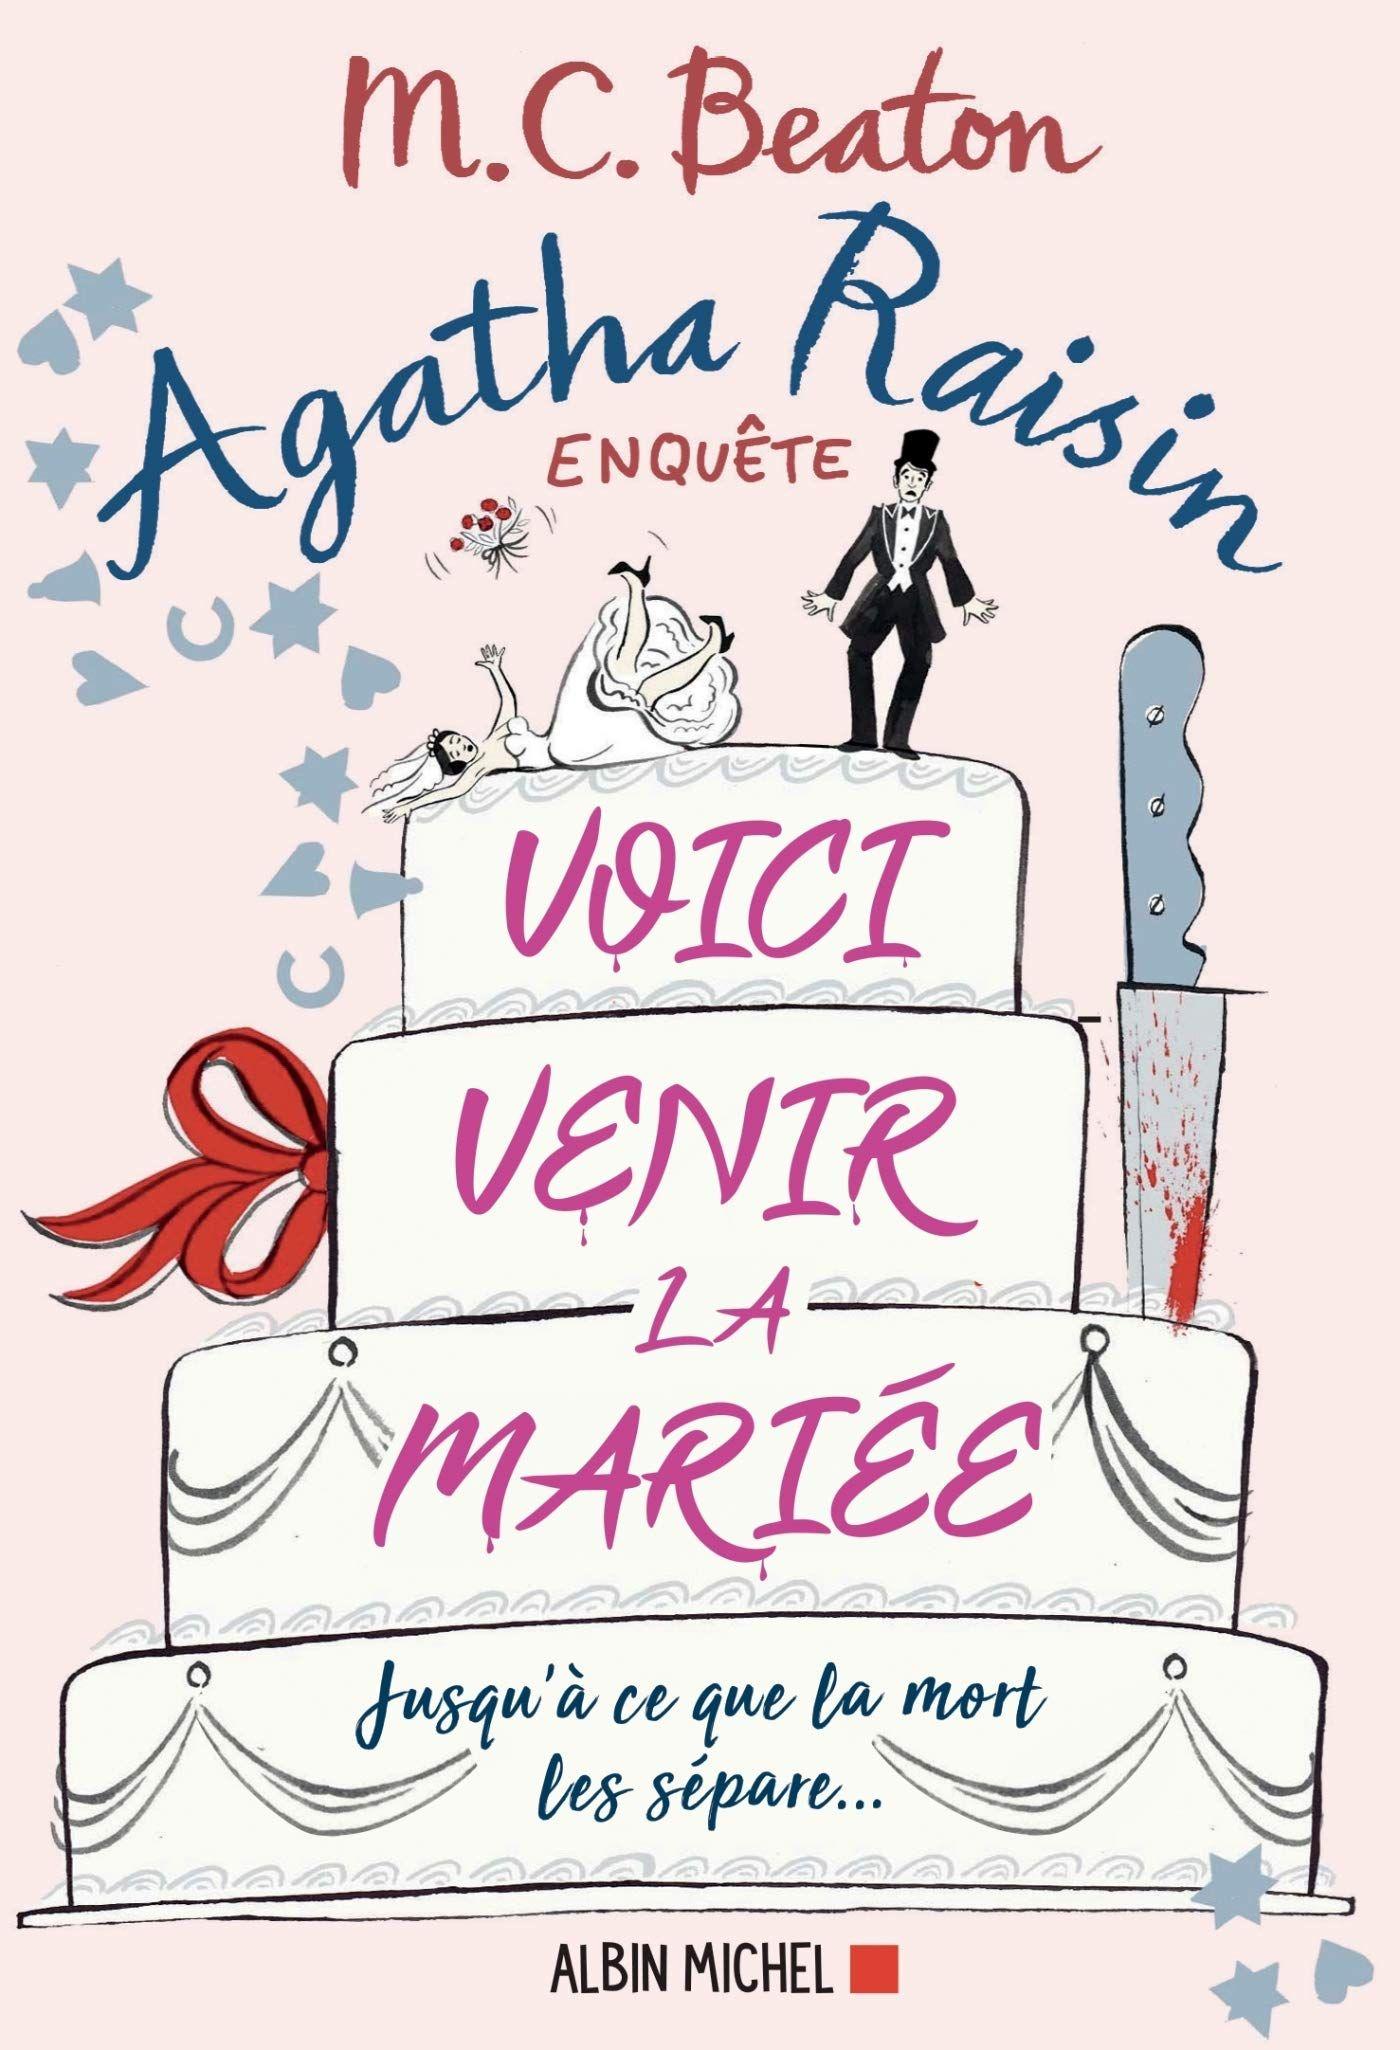 Agatha Raisin 20 Voici Venir La Mariee In 2020 Agatha Raisin La Mariee Agatha